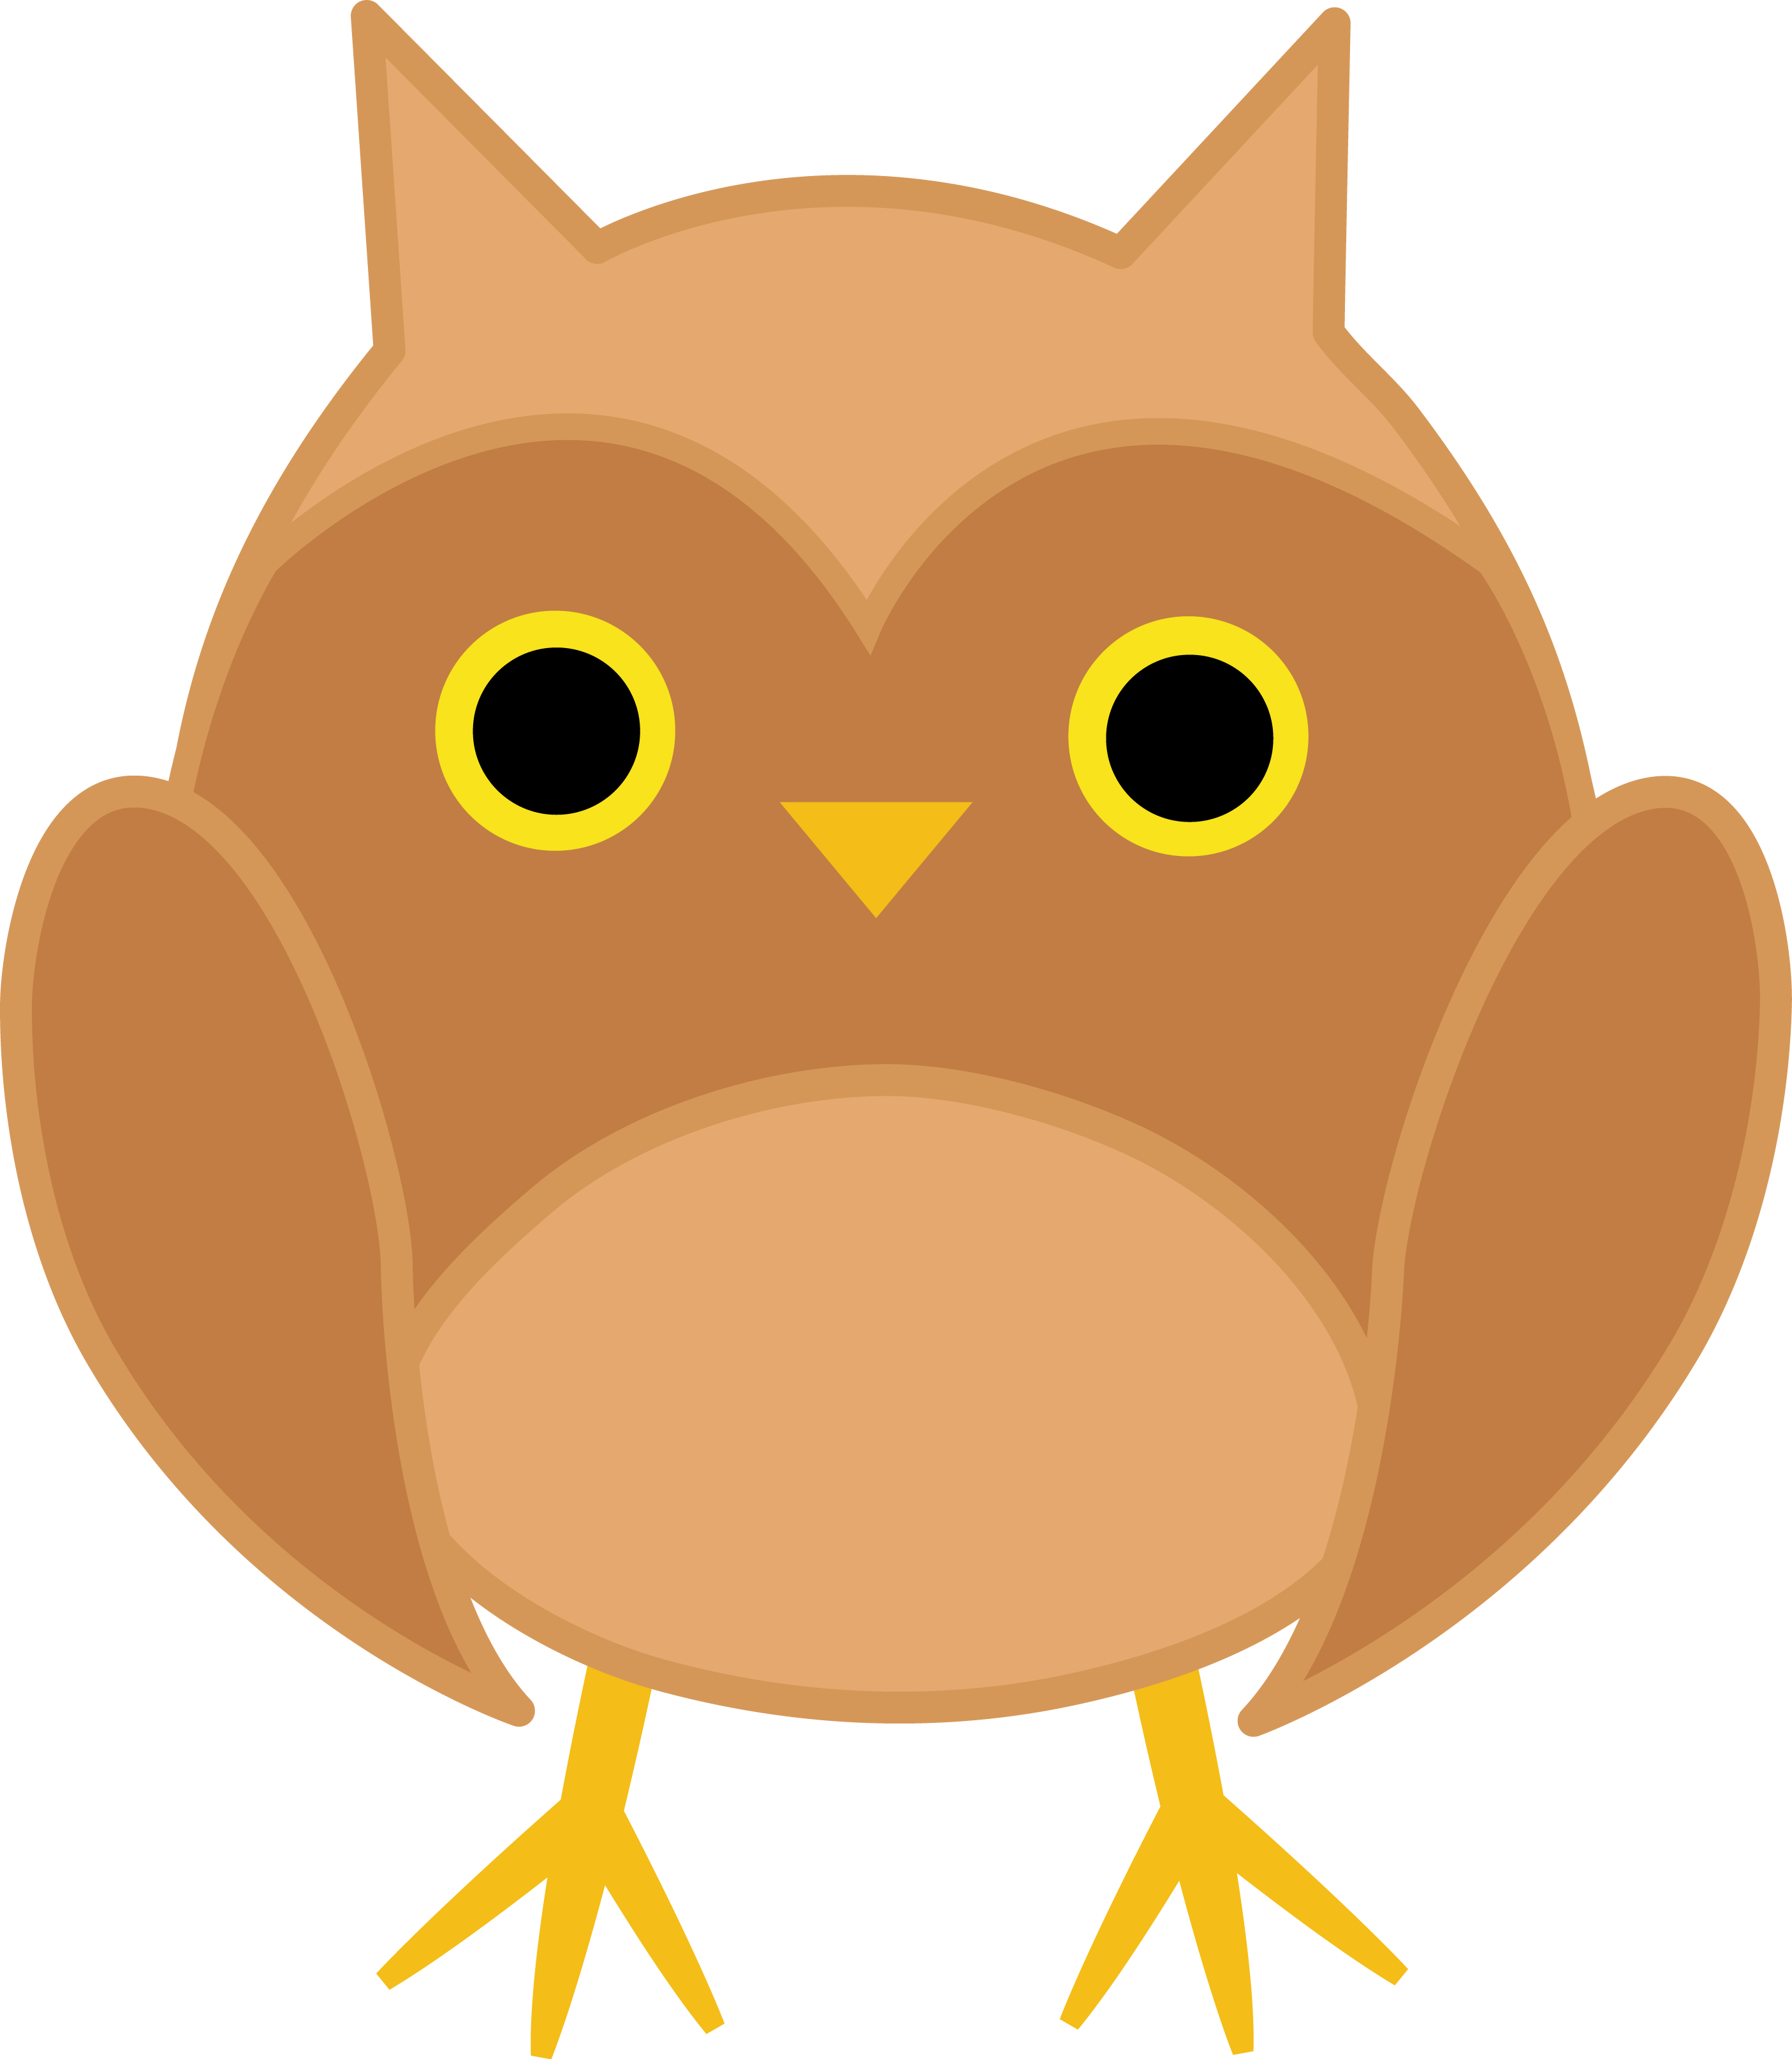 Owls clipart kawaii. Cute brown owl free